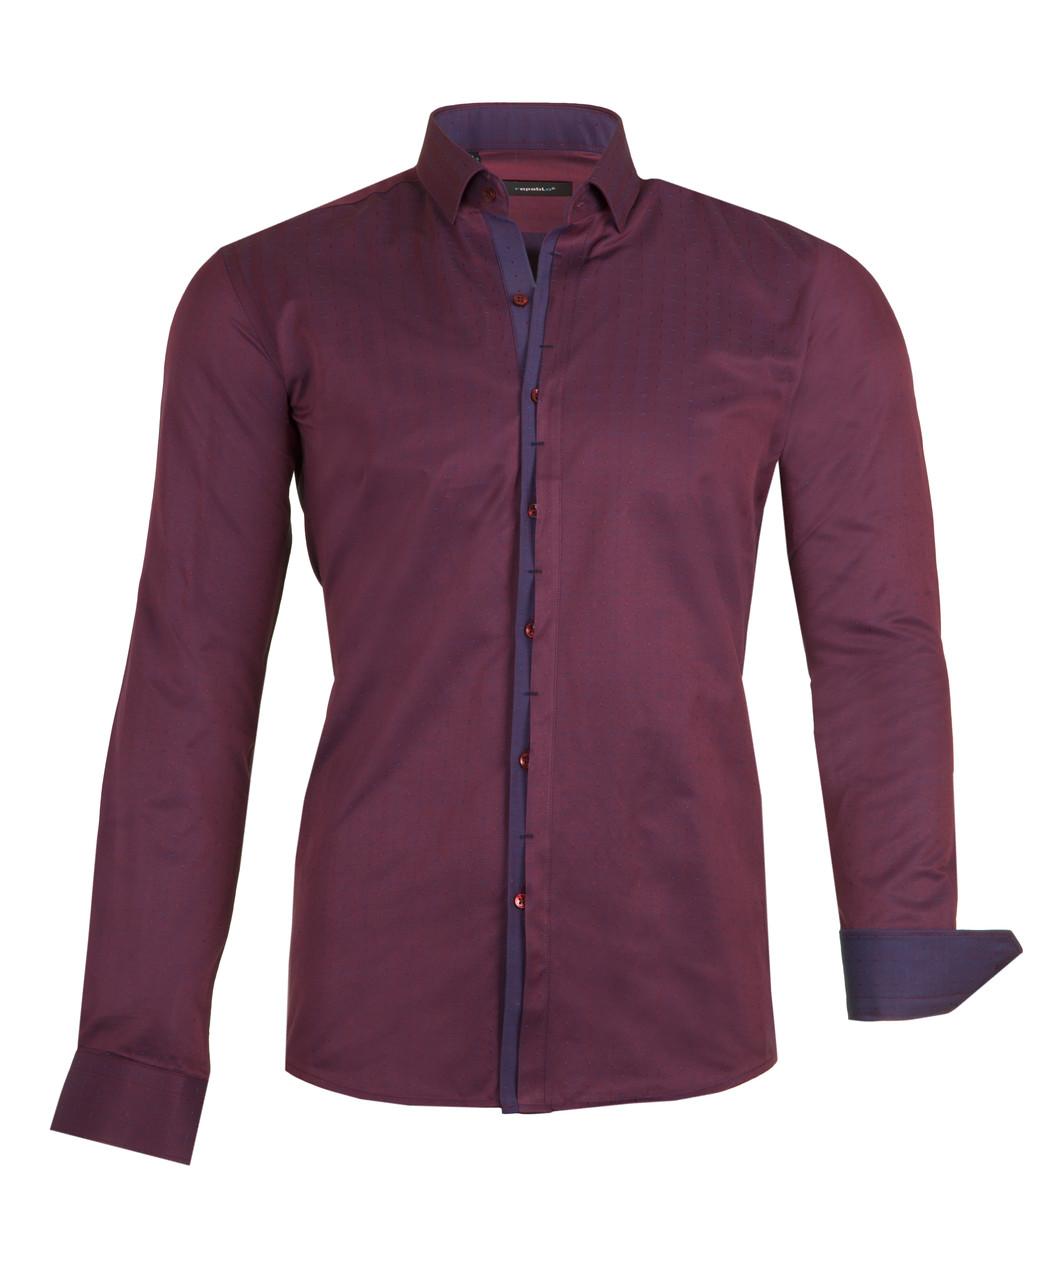 Рубашка мужская BORDO бордовая с узором